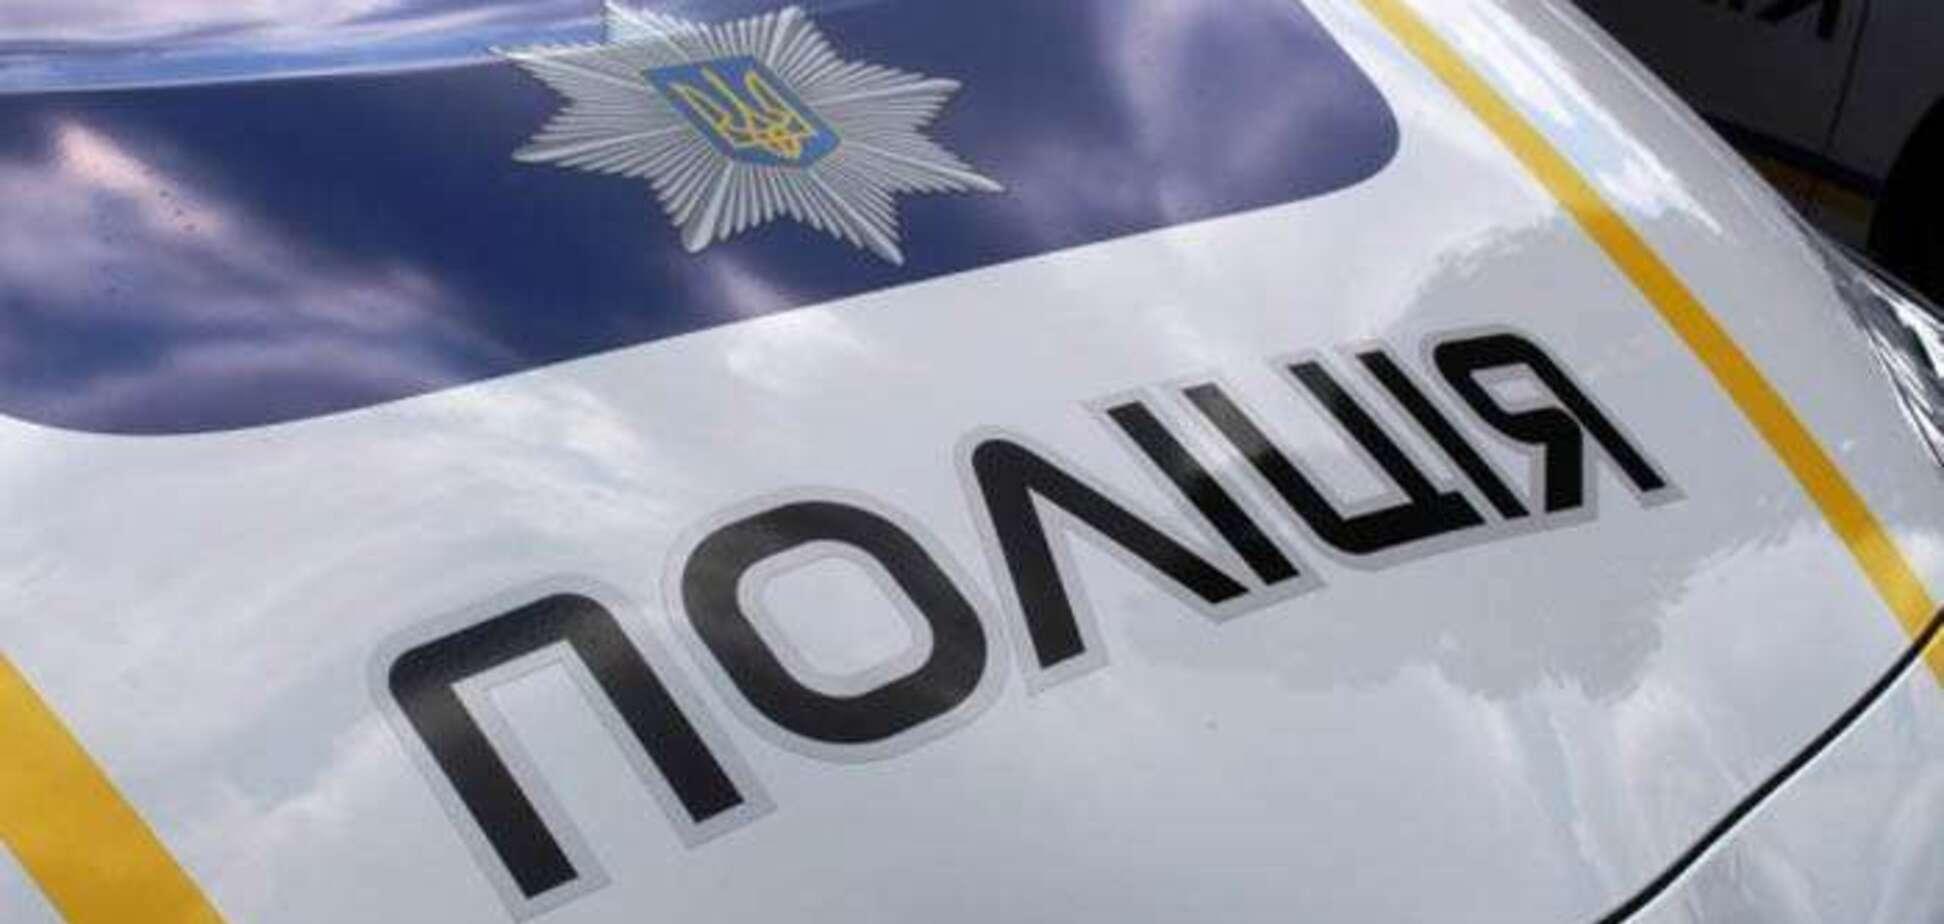 У Києві поліцейський напав із ножем на дитину: з'явилися нові деталі злочину